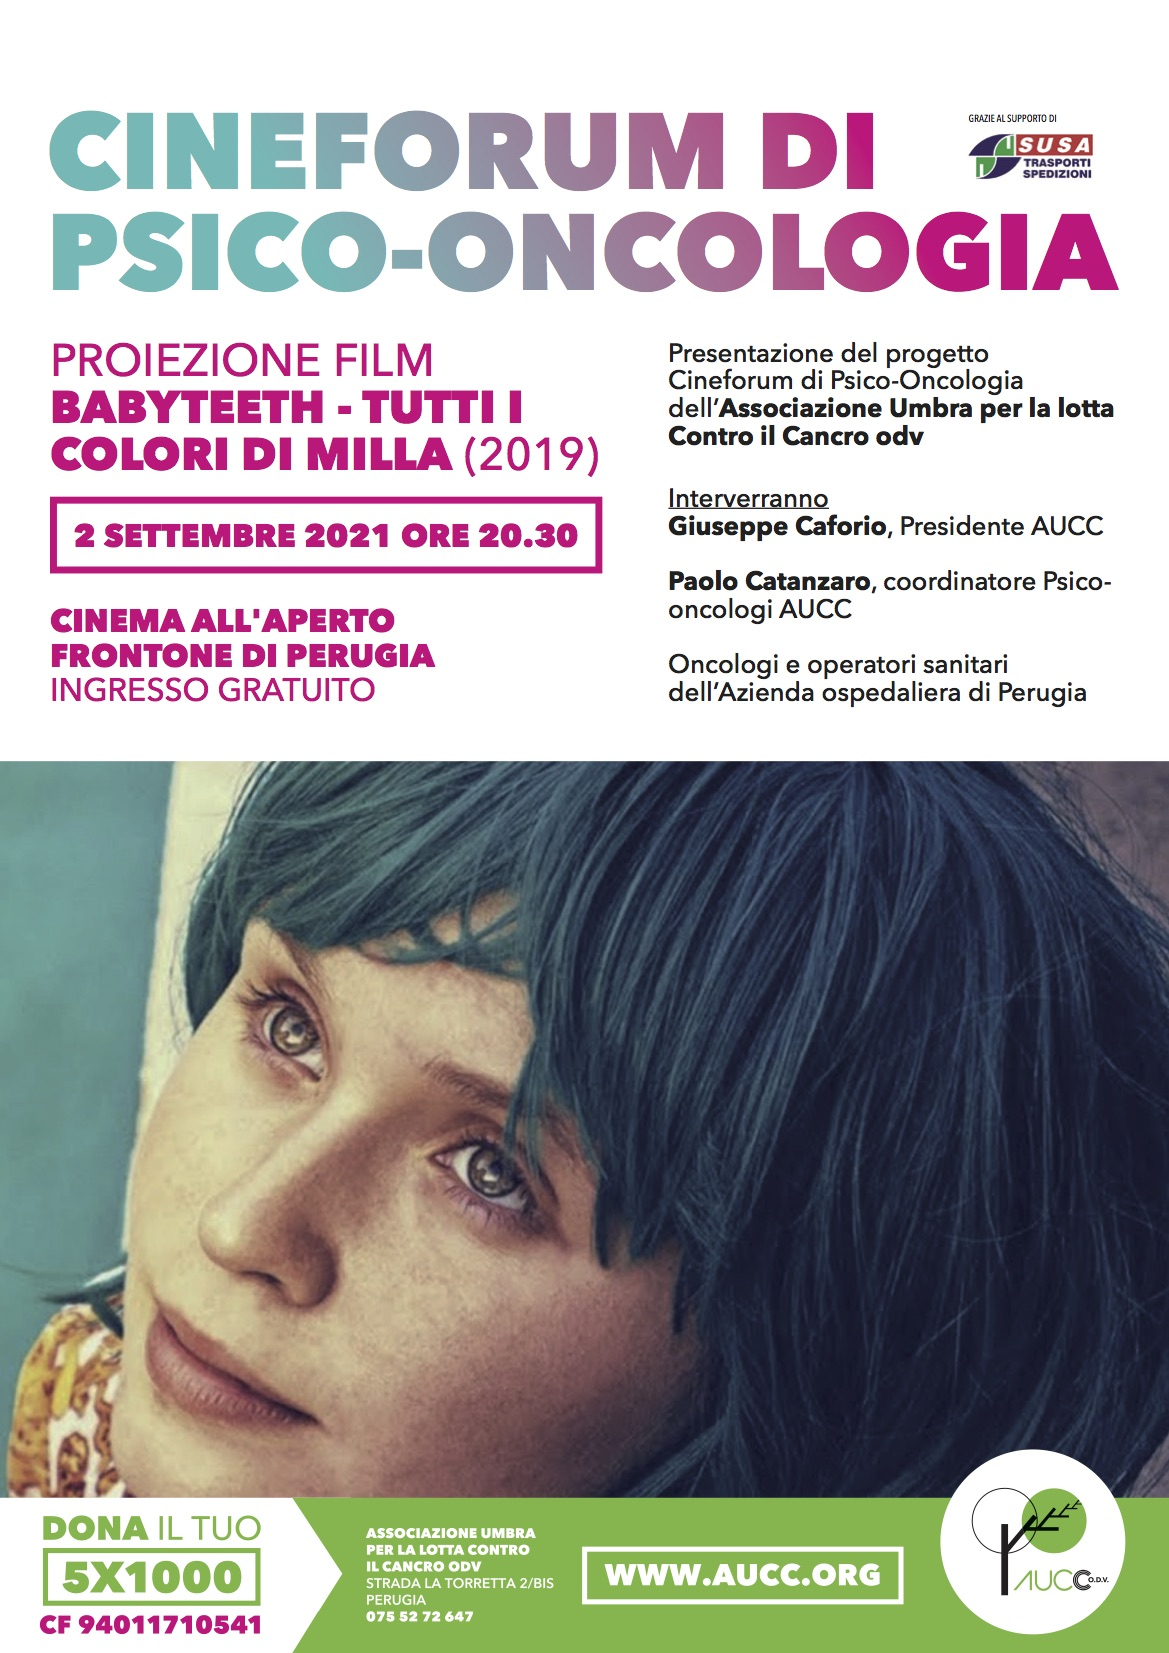 Sociale – Aucc presenta il progetto terapeutico Cineforum di psico-oncologia